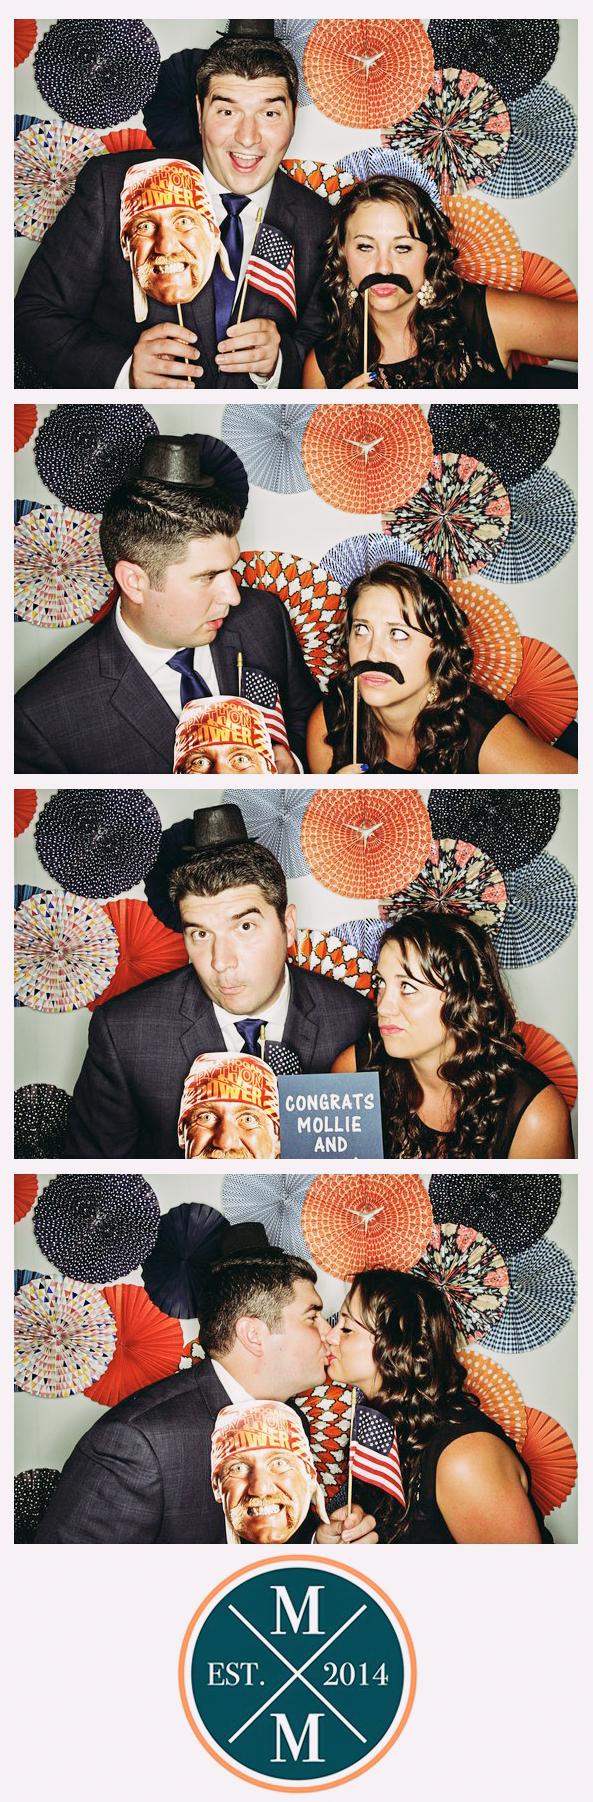 Mollie and Matt's Wedding!